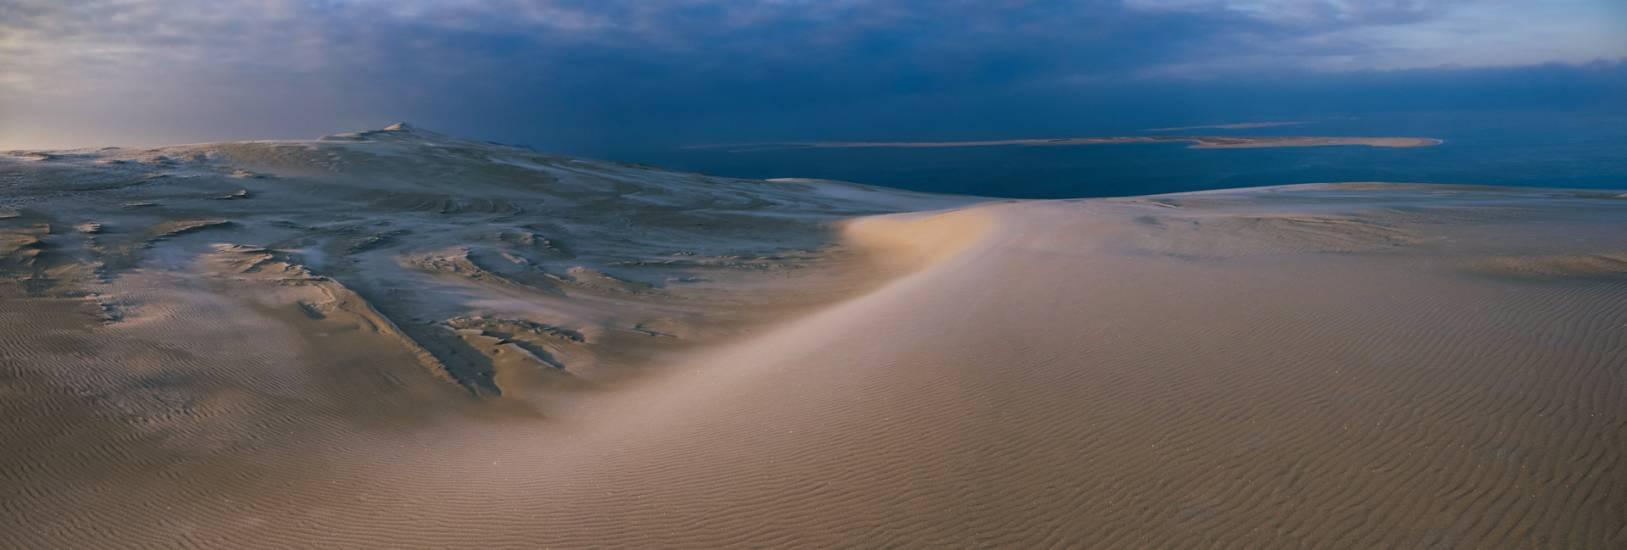 Photo Bassin d'Arcachon : Bassin d'Arcachon - Dune du Pilat #18